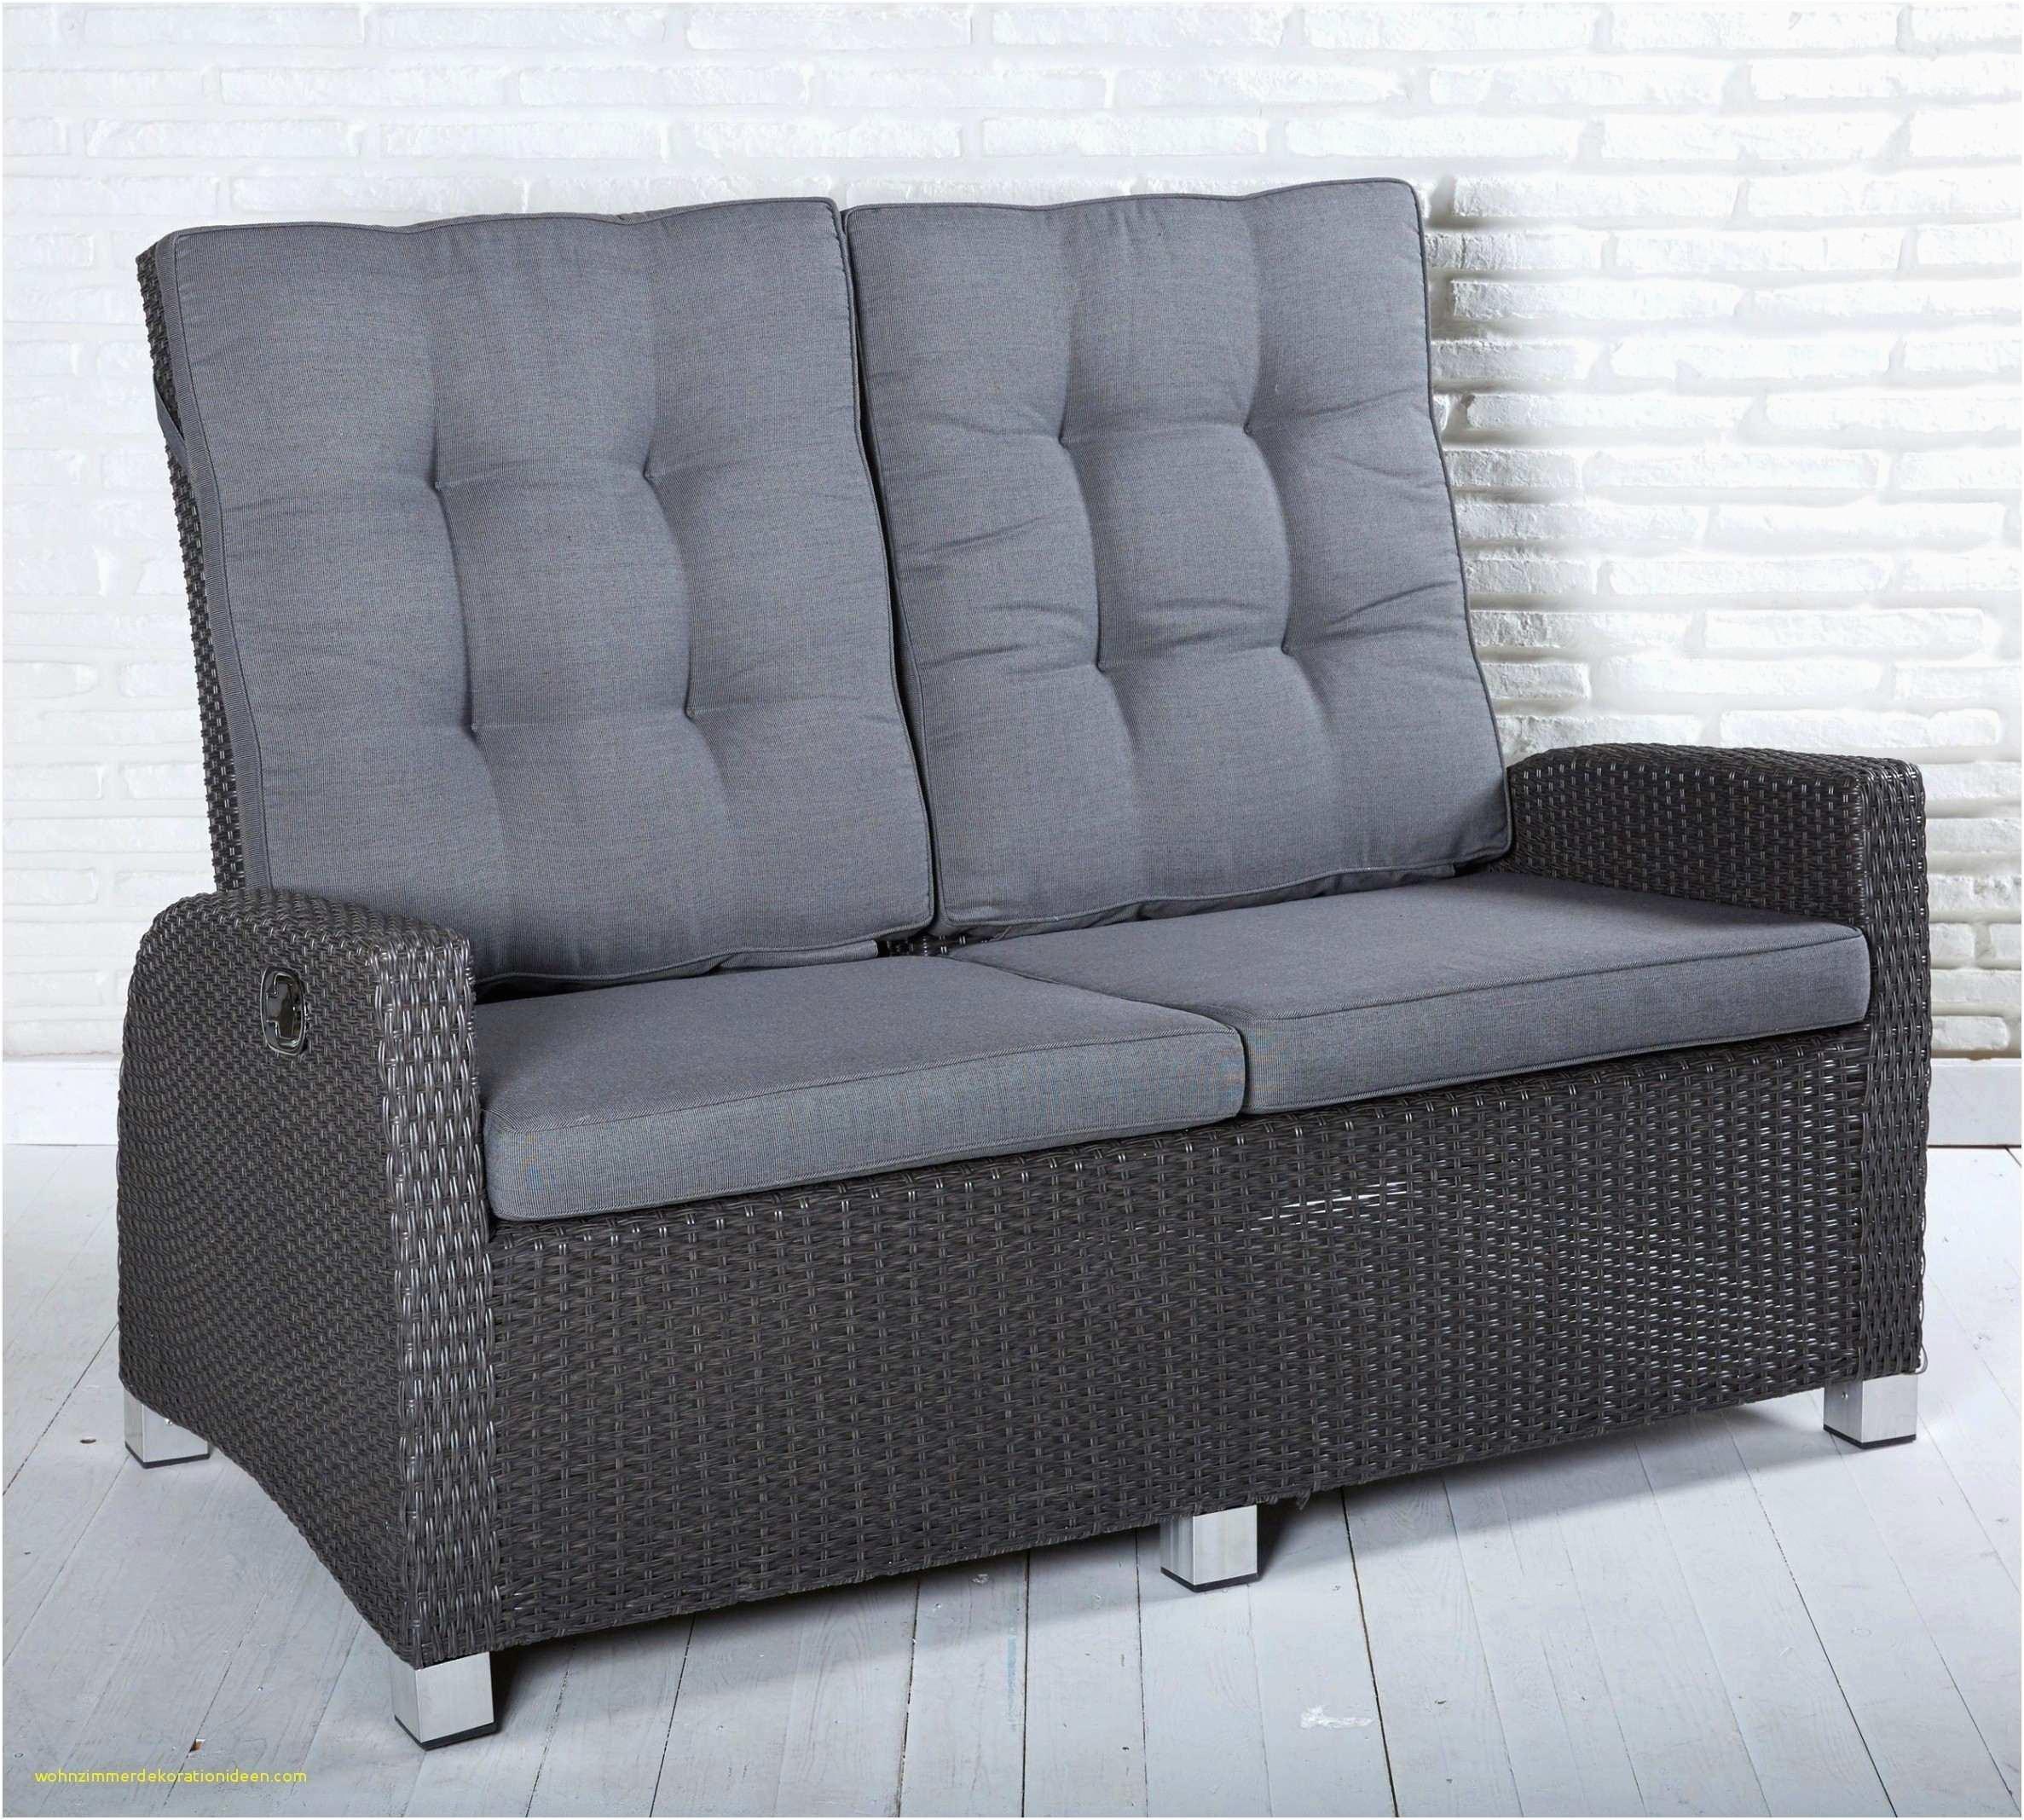 2 sitzer ledersofa einzigartig 30 einzigartig von 2 sitzer sofa mit recamiere ideen of 2 sitzer ledersofa